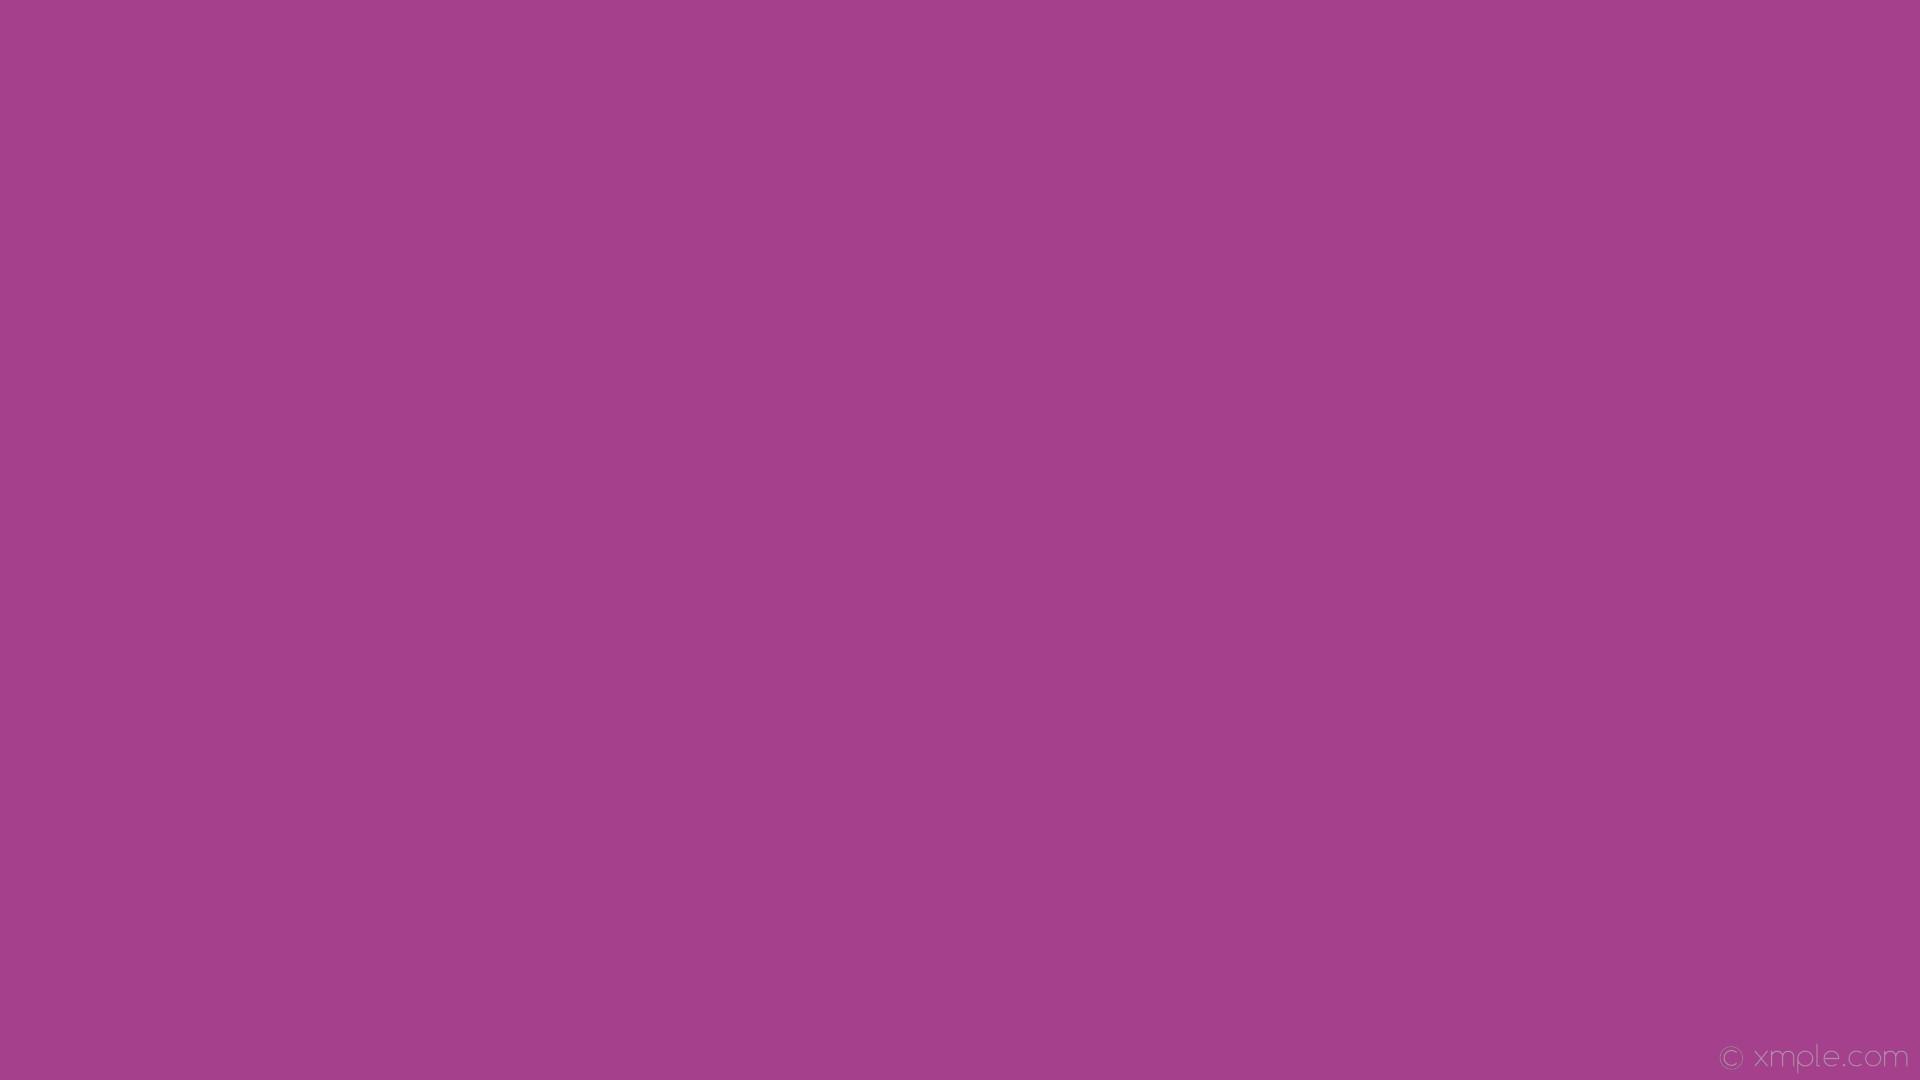 1920x1080 Wallpaper Plain One Colour Solid Color Cyan Single Light C2effa